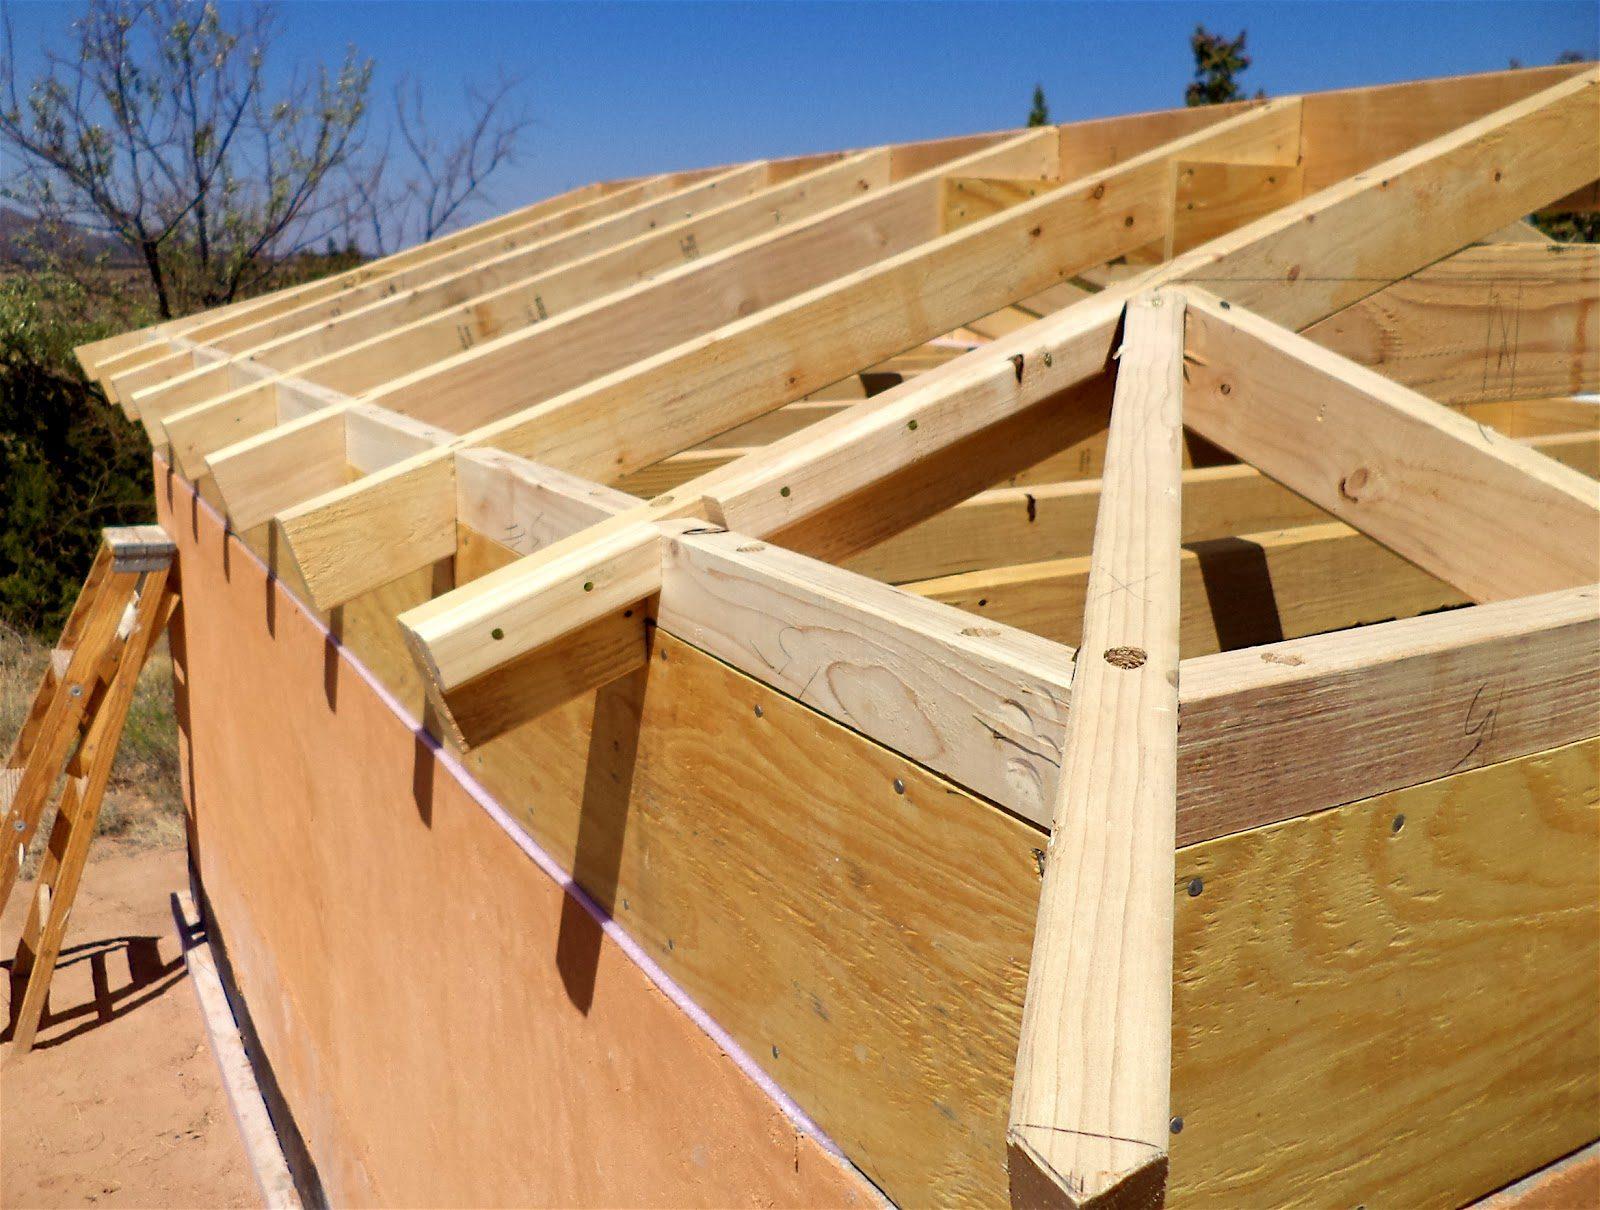 постройка крыши своими руками фото строили подручных